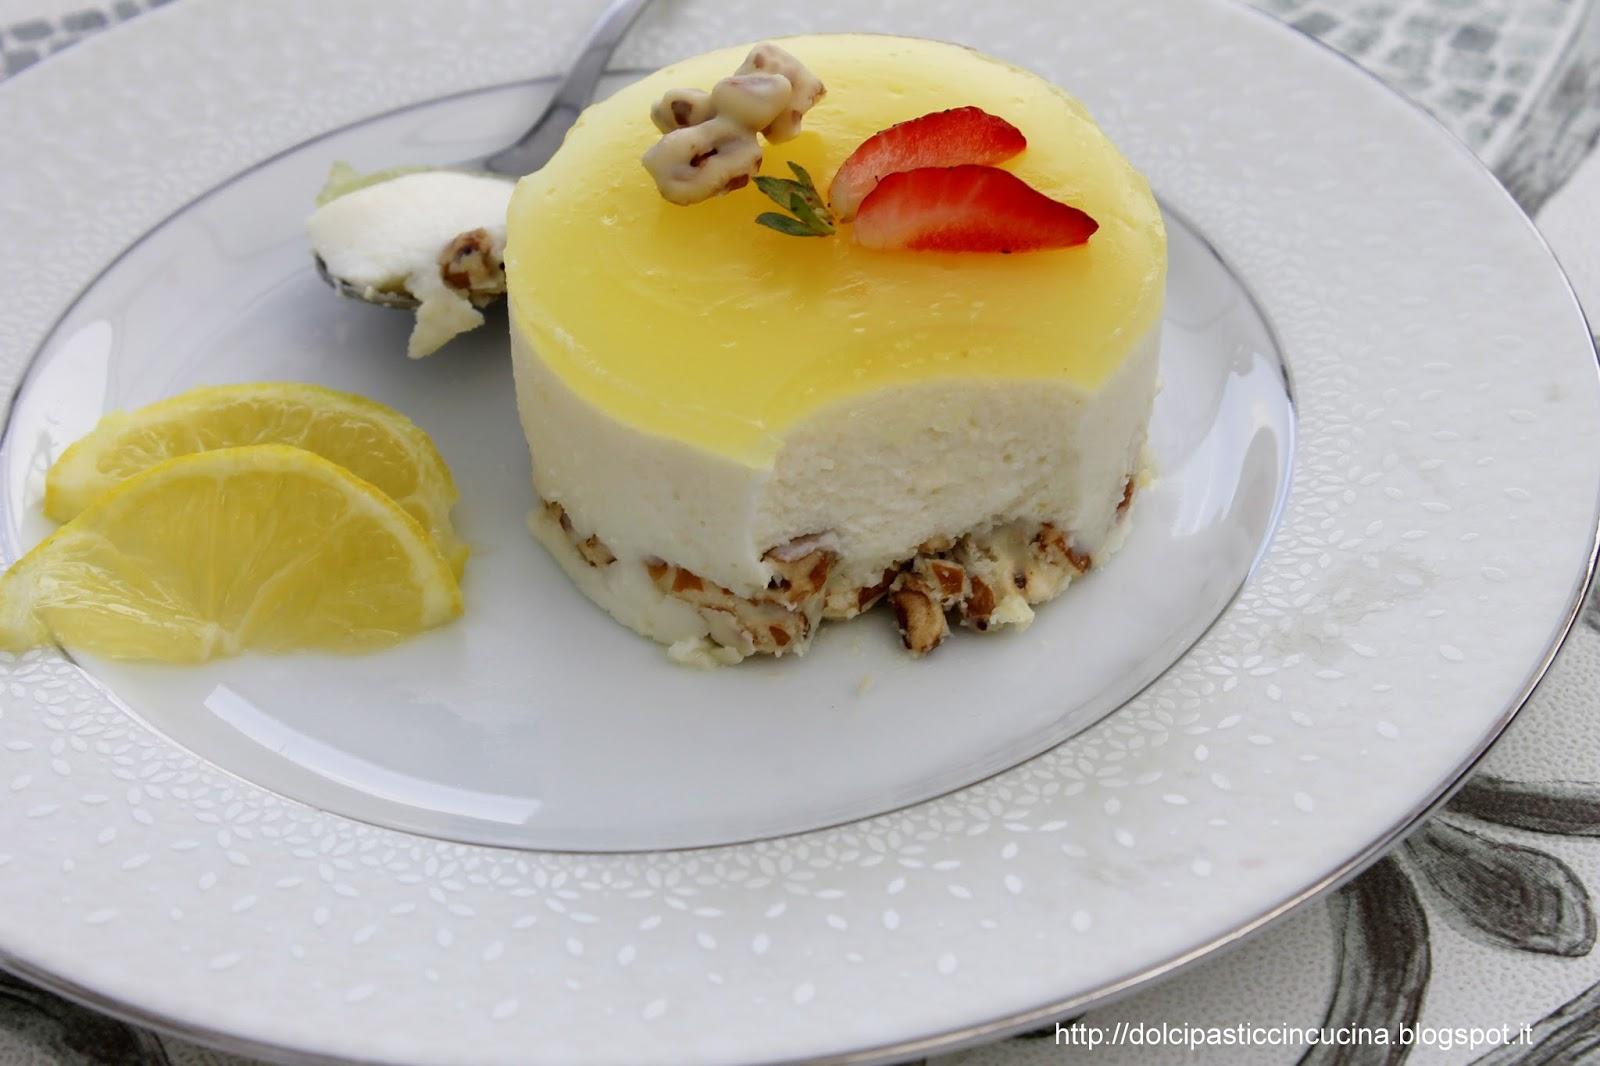 Famoso InCucinaColCuore: Cheesecake senza cottura al limone e cioccolato  VB83